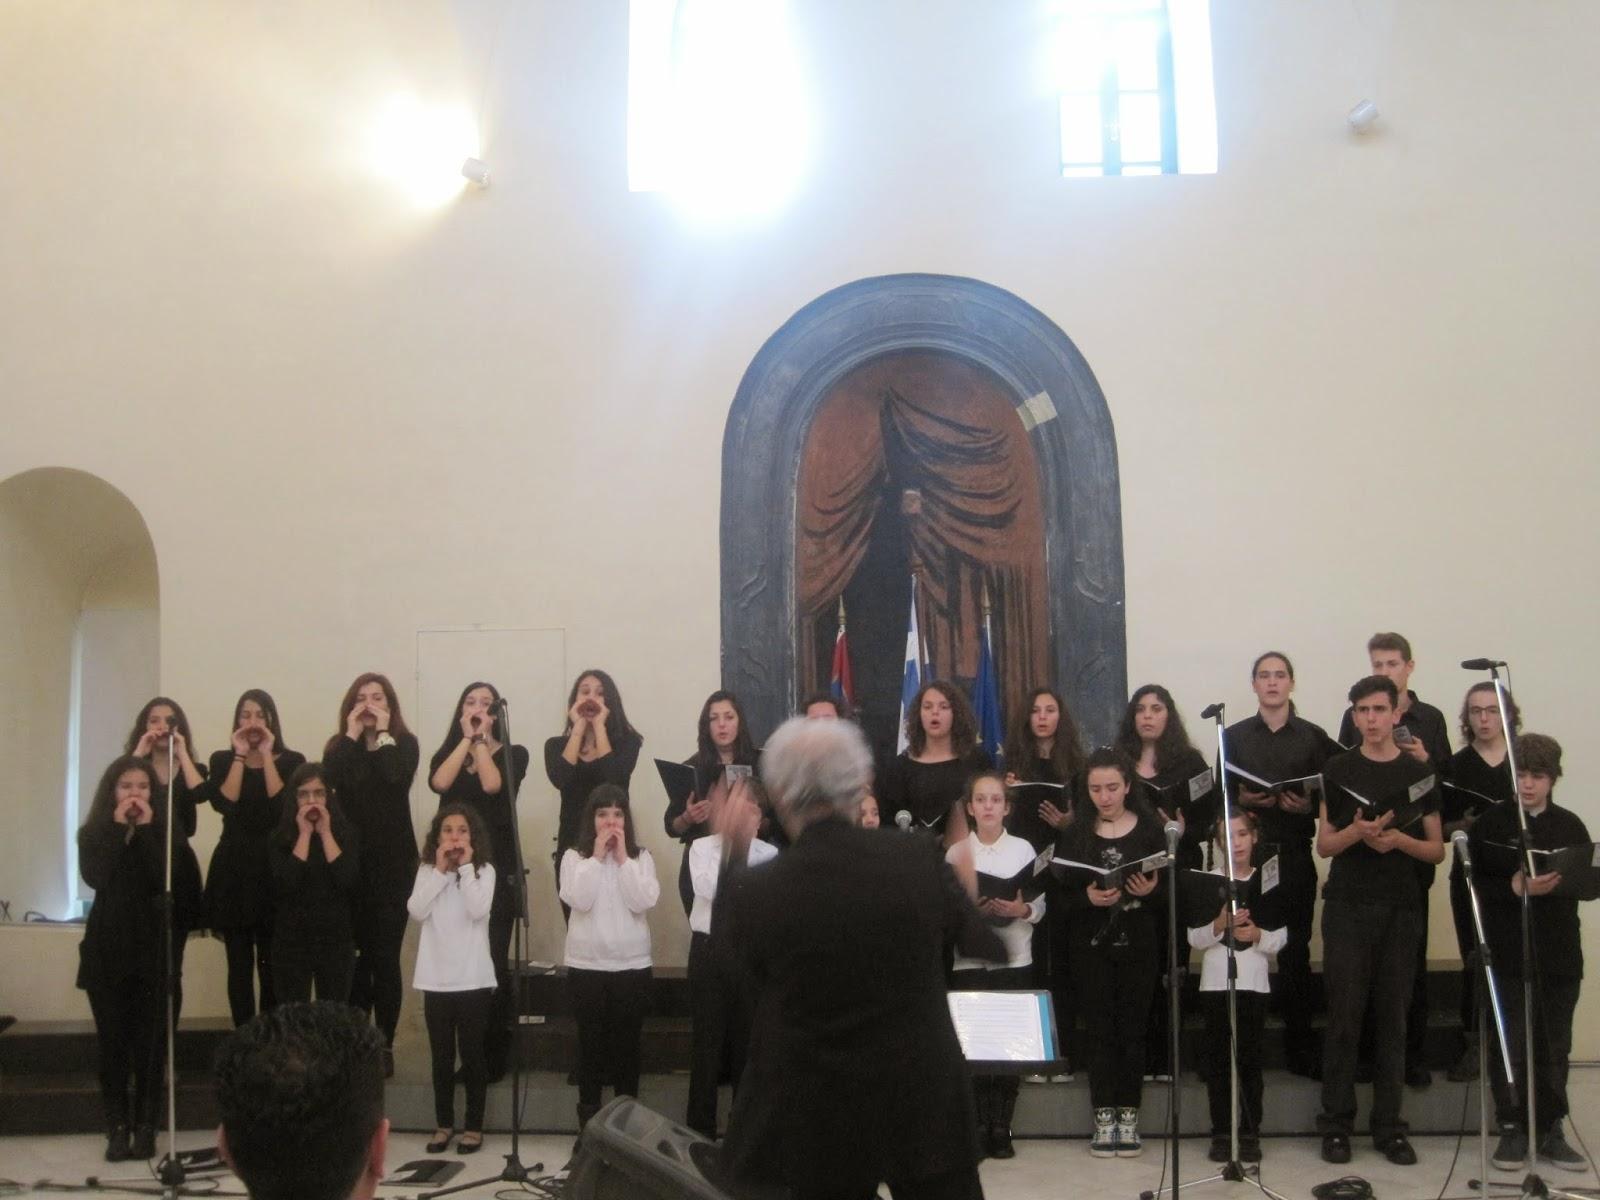 Η Χορωδία του Τροφώνιου Ωδείου στο Χορωδιάκό Φεστιβάλ του δήμου Λυκόβρυσης - Πεύκης